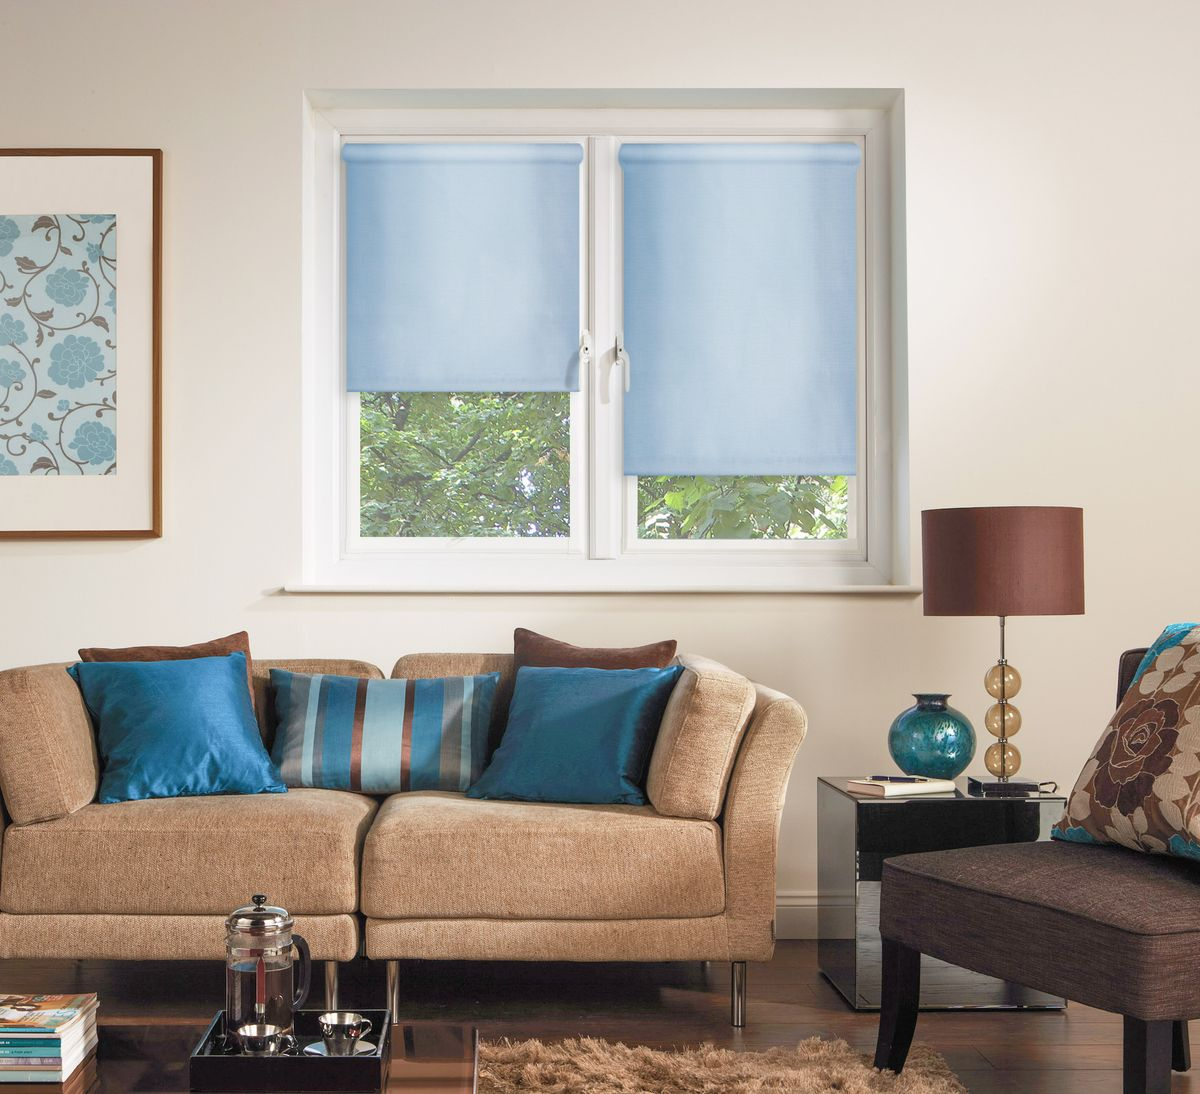 Штора рулонная Эскар Миниролло. Однотонные, цвет: голубой, ширина 57 см, высота 170 см62.РШТО.8944.140х175Рулонная штора Эскар Миниролло выполнена из высокопрочной ткани,которая сохраняет свой размер даже при намокании. Ткань не выцветает иобладает отличной цветоустойчивостью.Миниролло - это подвид рулонных штор, который закрывает не весь оконныйпроем, а непосредственно само стекло. Такие шторы крепятся на раму безсверления при помощи зажимов или клейкой двухсторонней ленты (в комплекте).Окно остаетсяна гарантии, благодаря монтажу без сверления.Такая штора станет прекрасным элементом декора окна и гармонично впишется винтерьер любого помещения.